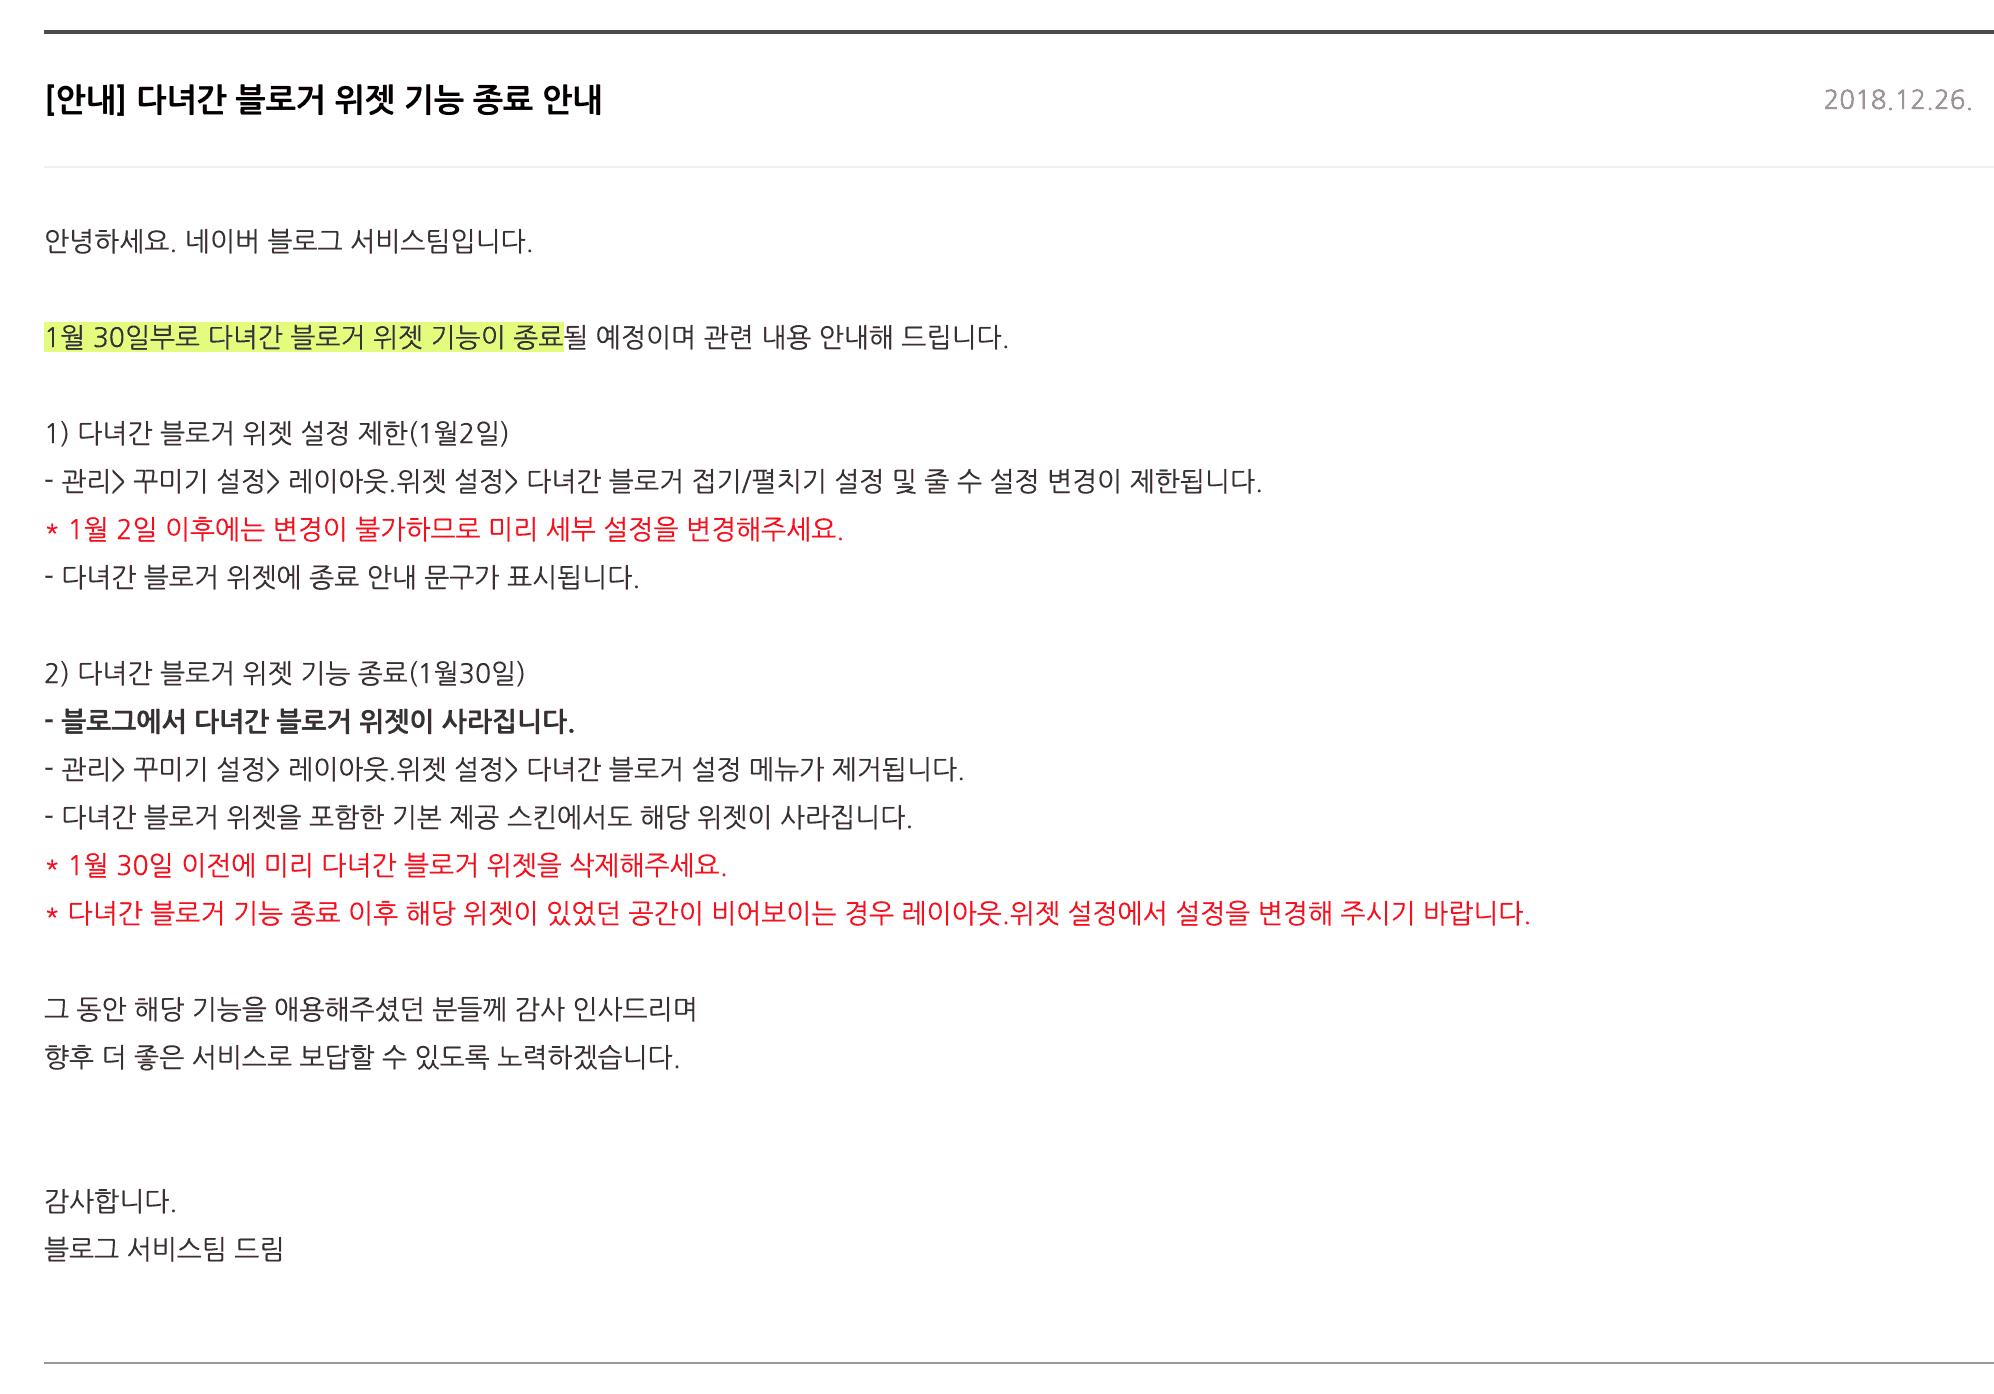 네이버 다녀간 블로거 위젯 기능 종료